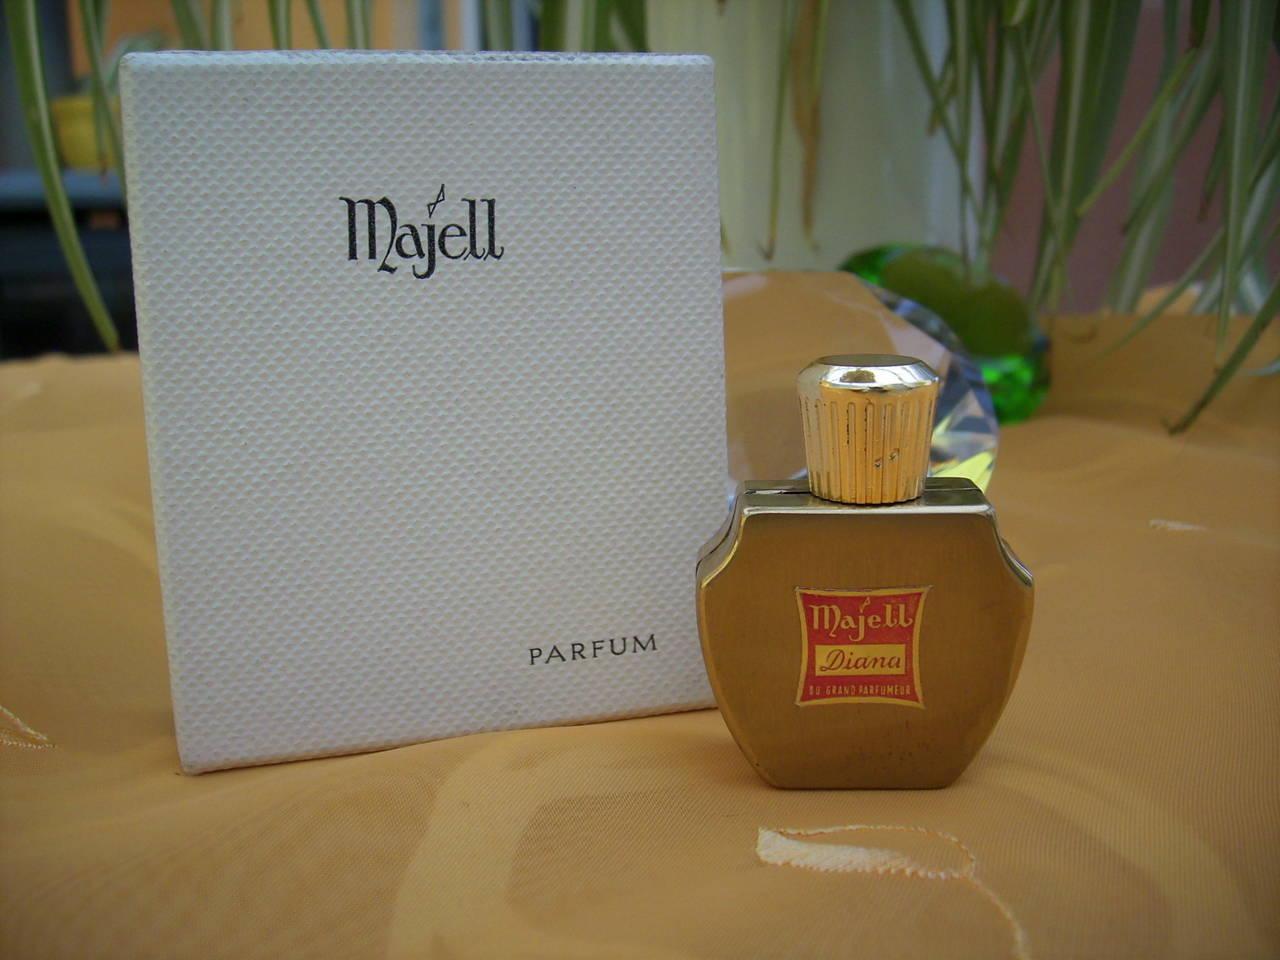 Majell